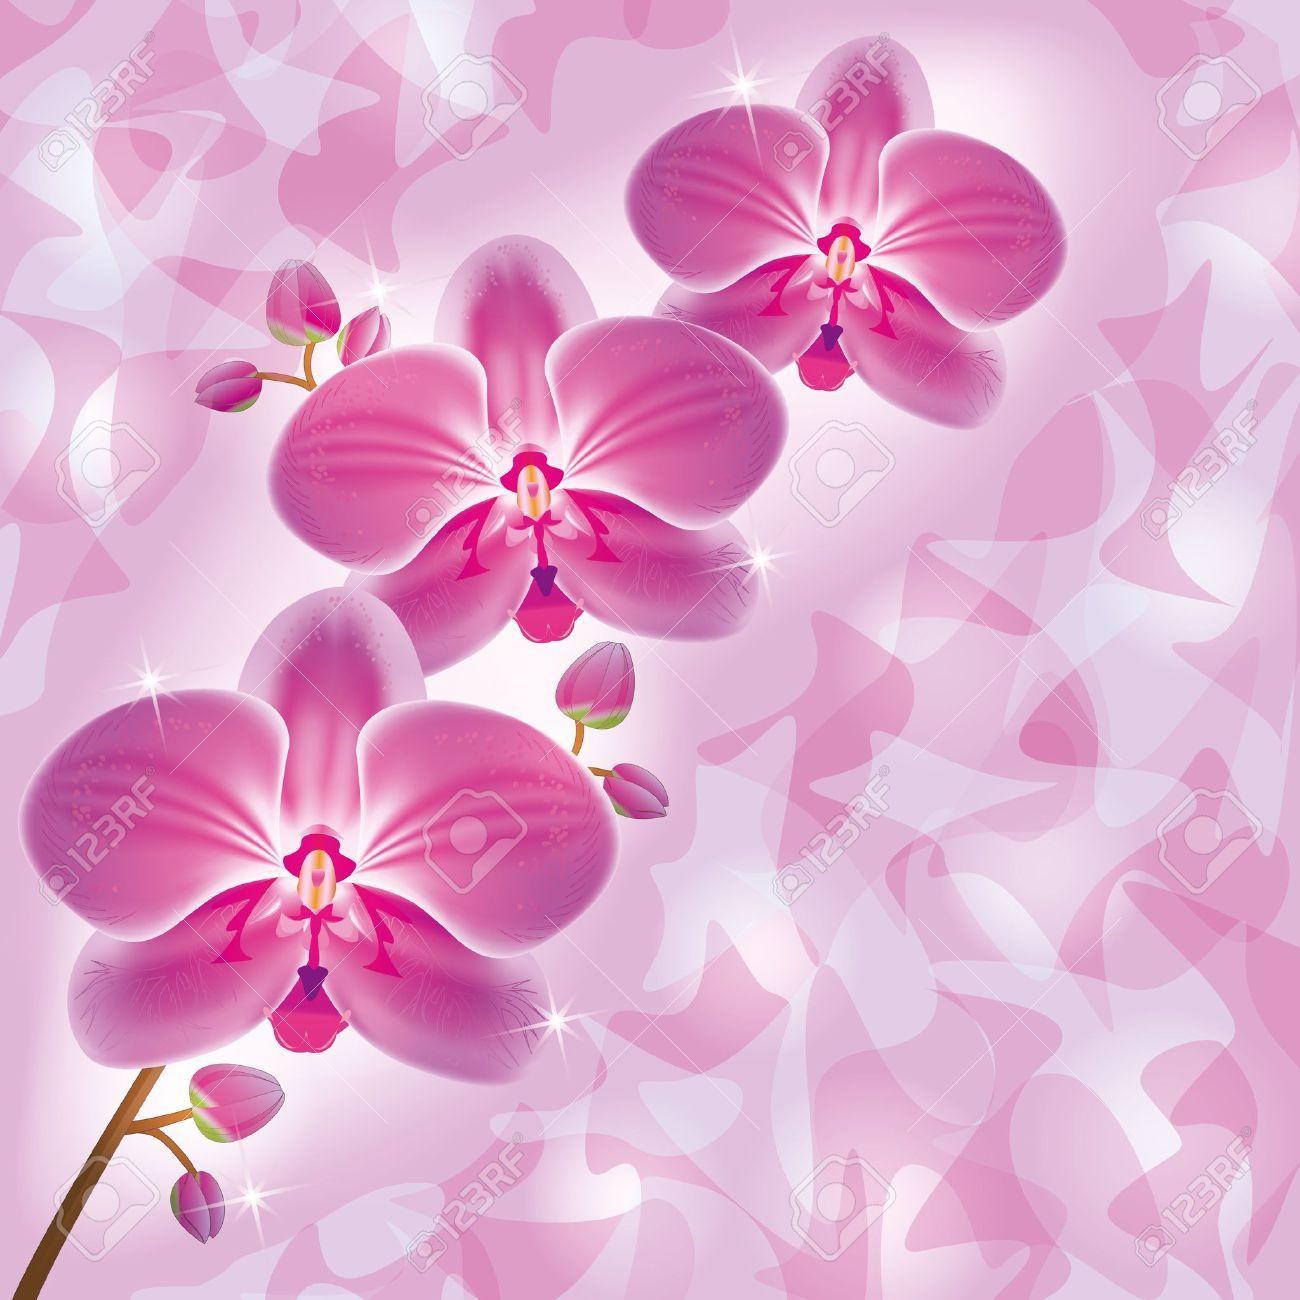 invitation ou carte de voeux avec des fleurs d'orchidée pourpre